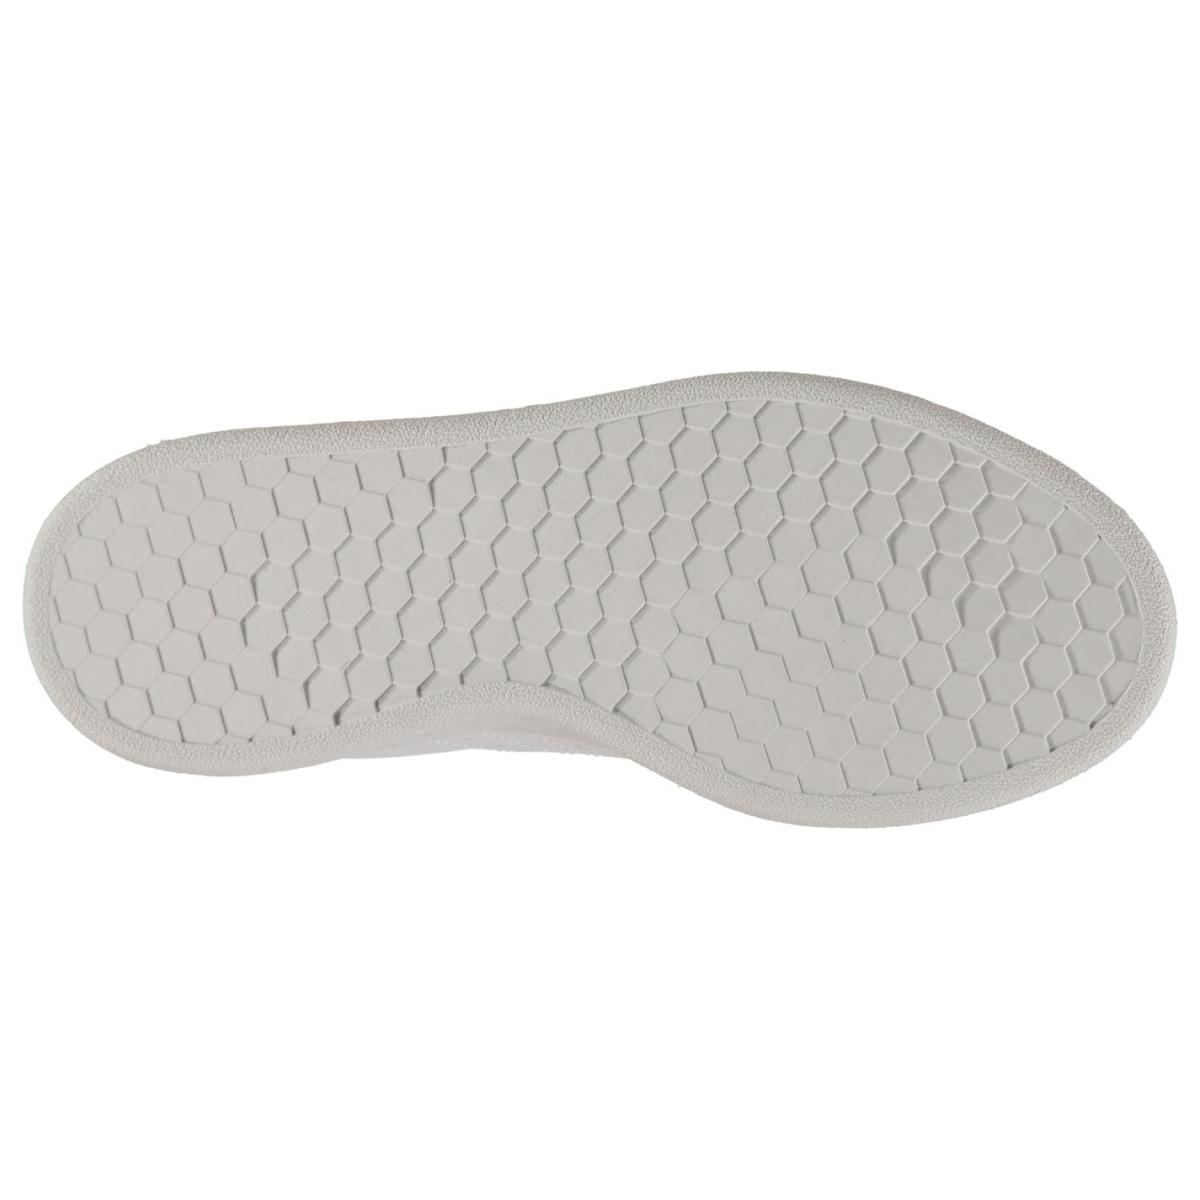 adidas-Grand-Court-Turnschuhe-Damen-Sneaker-Sportschuhe-Laufschuhe-5270 Indexbild 3